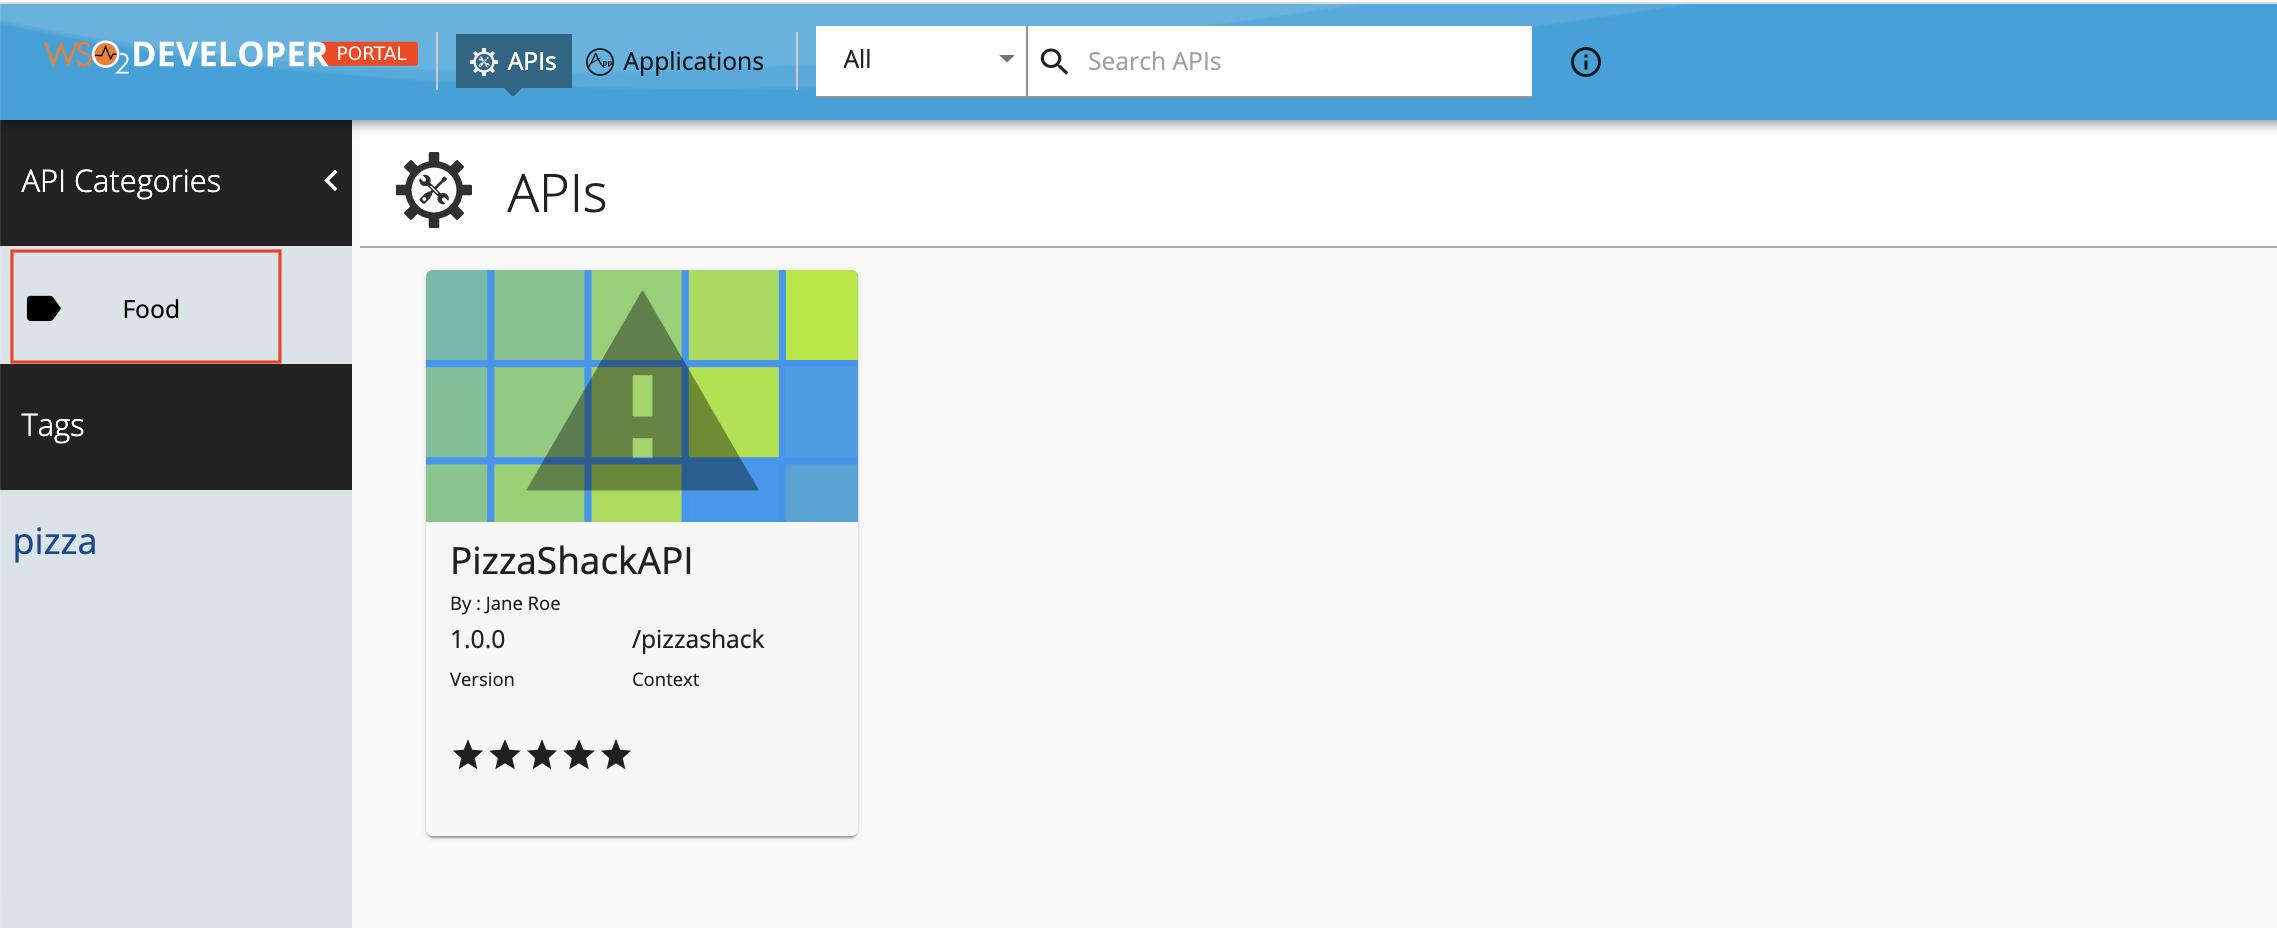 APIs categorised based on API category